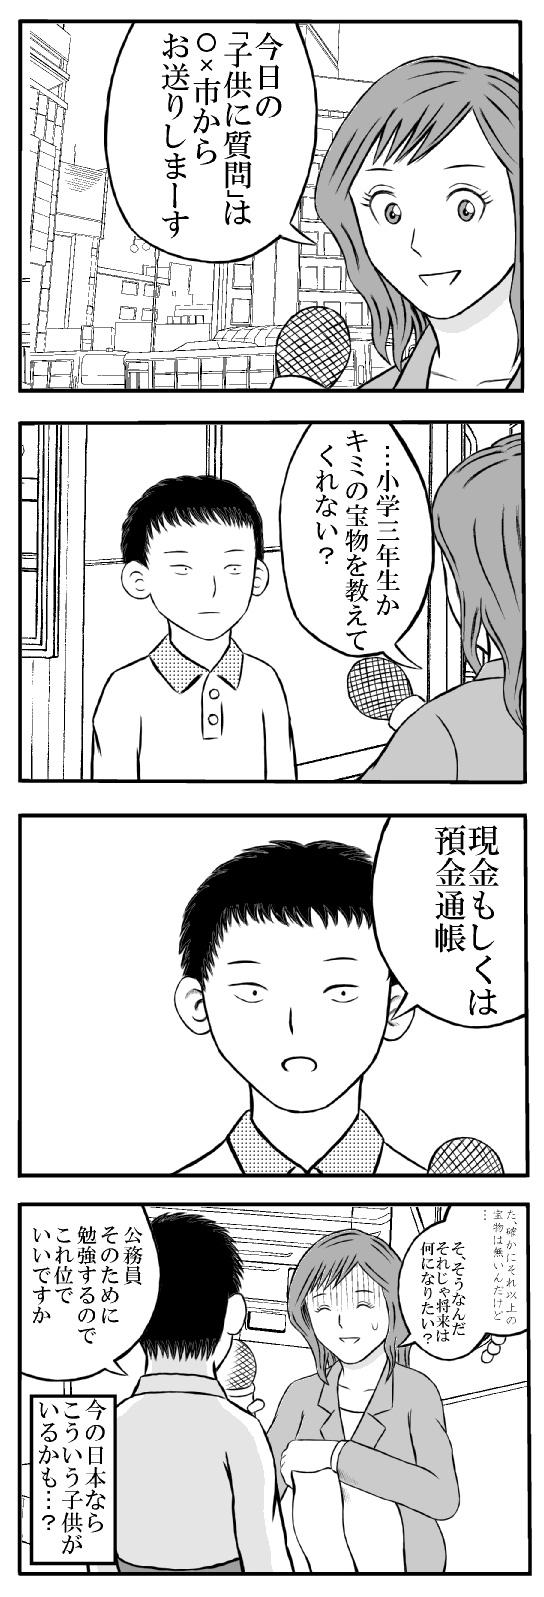 質問したら究極の日本人だっ